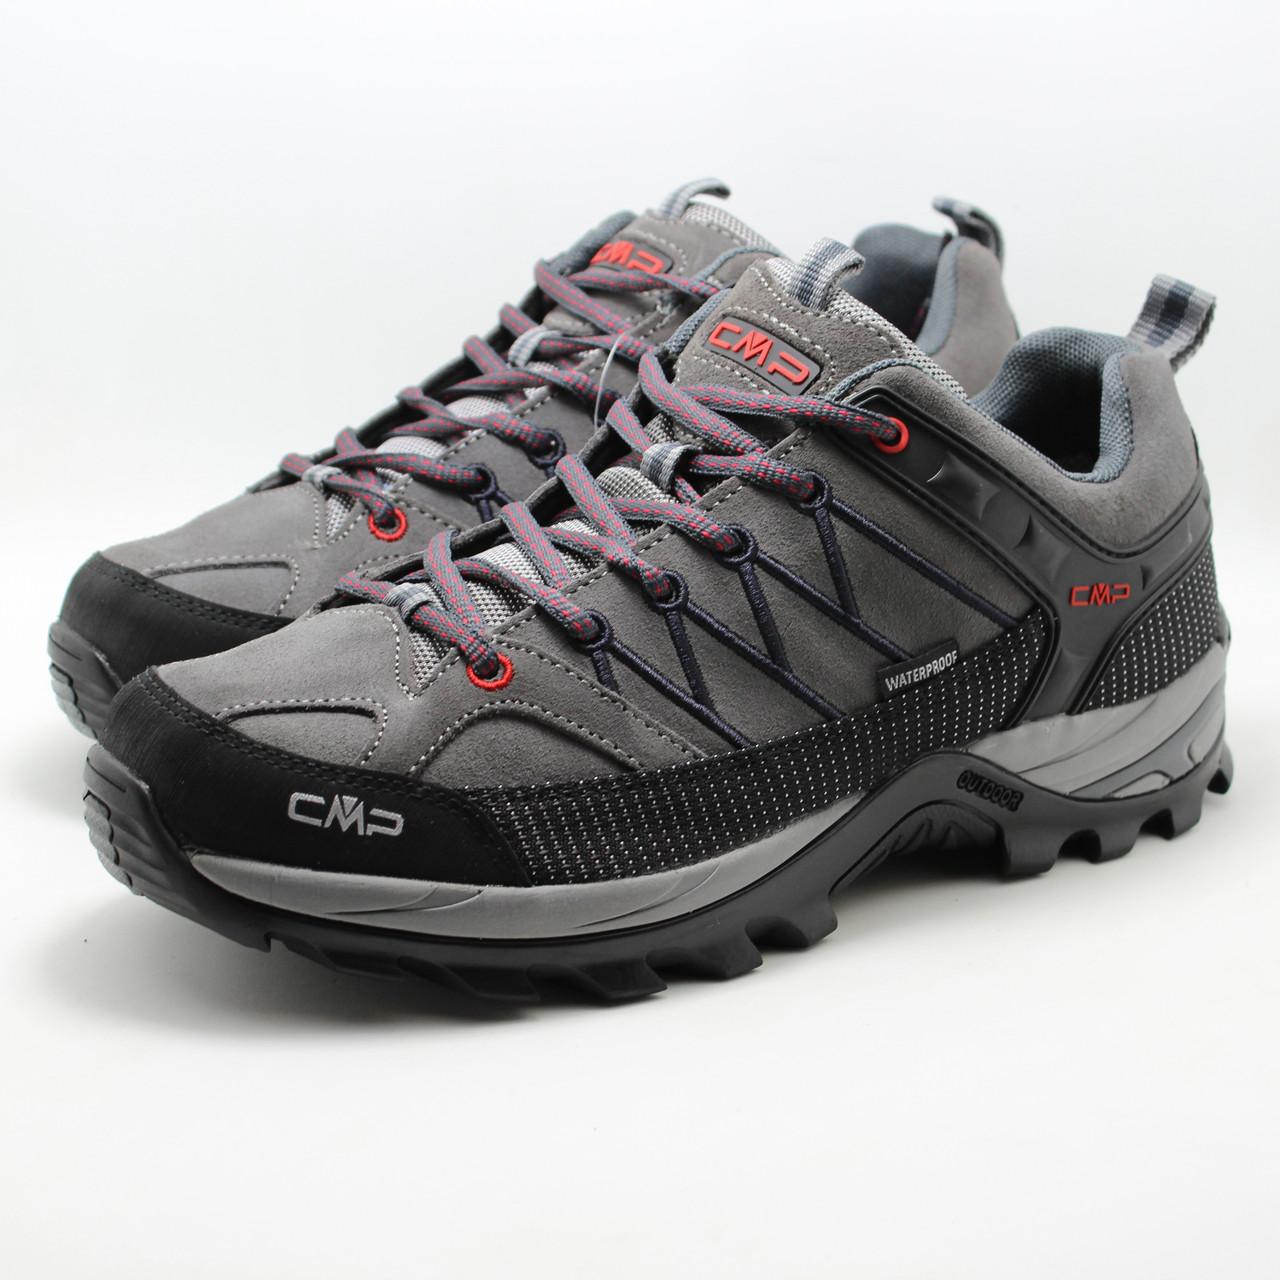 Демисезонные мужские термо-кроссовки Cmp Campagnolo 3Q13247-44UF